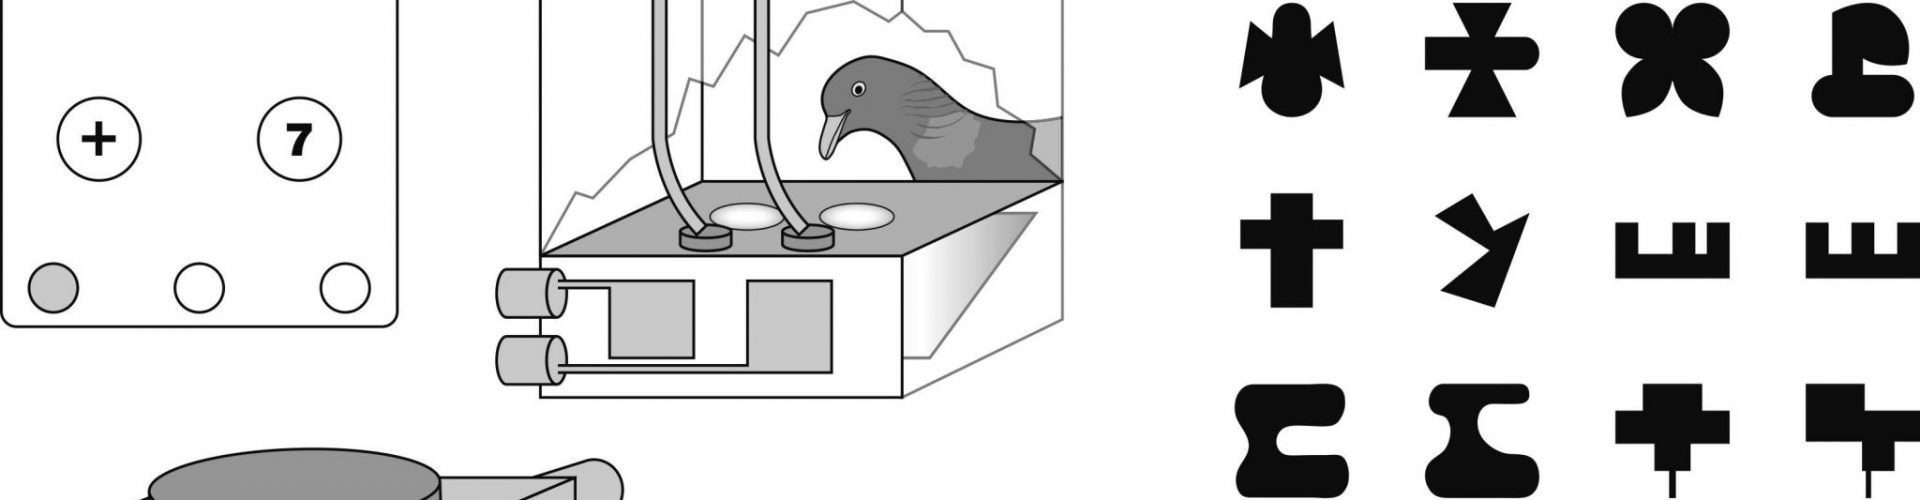 Der sechste Sinn der Tauben für Symmetrie